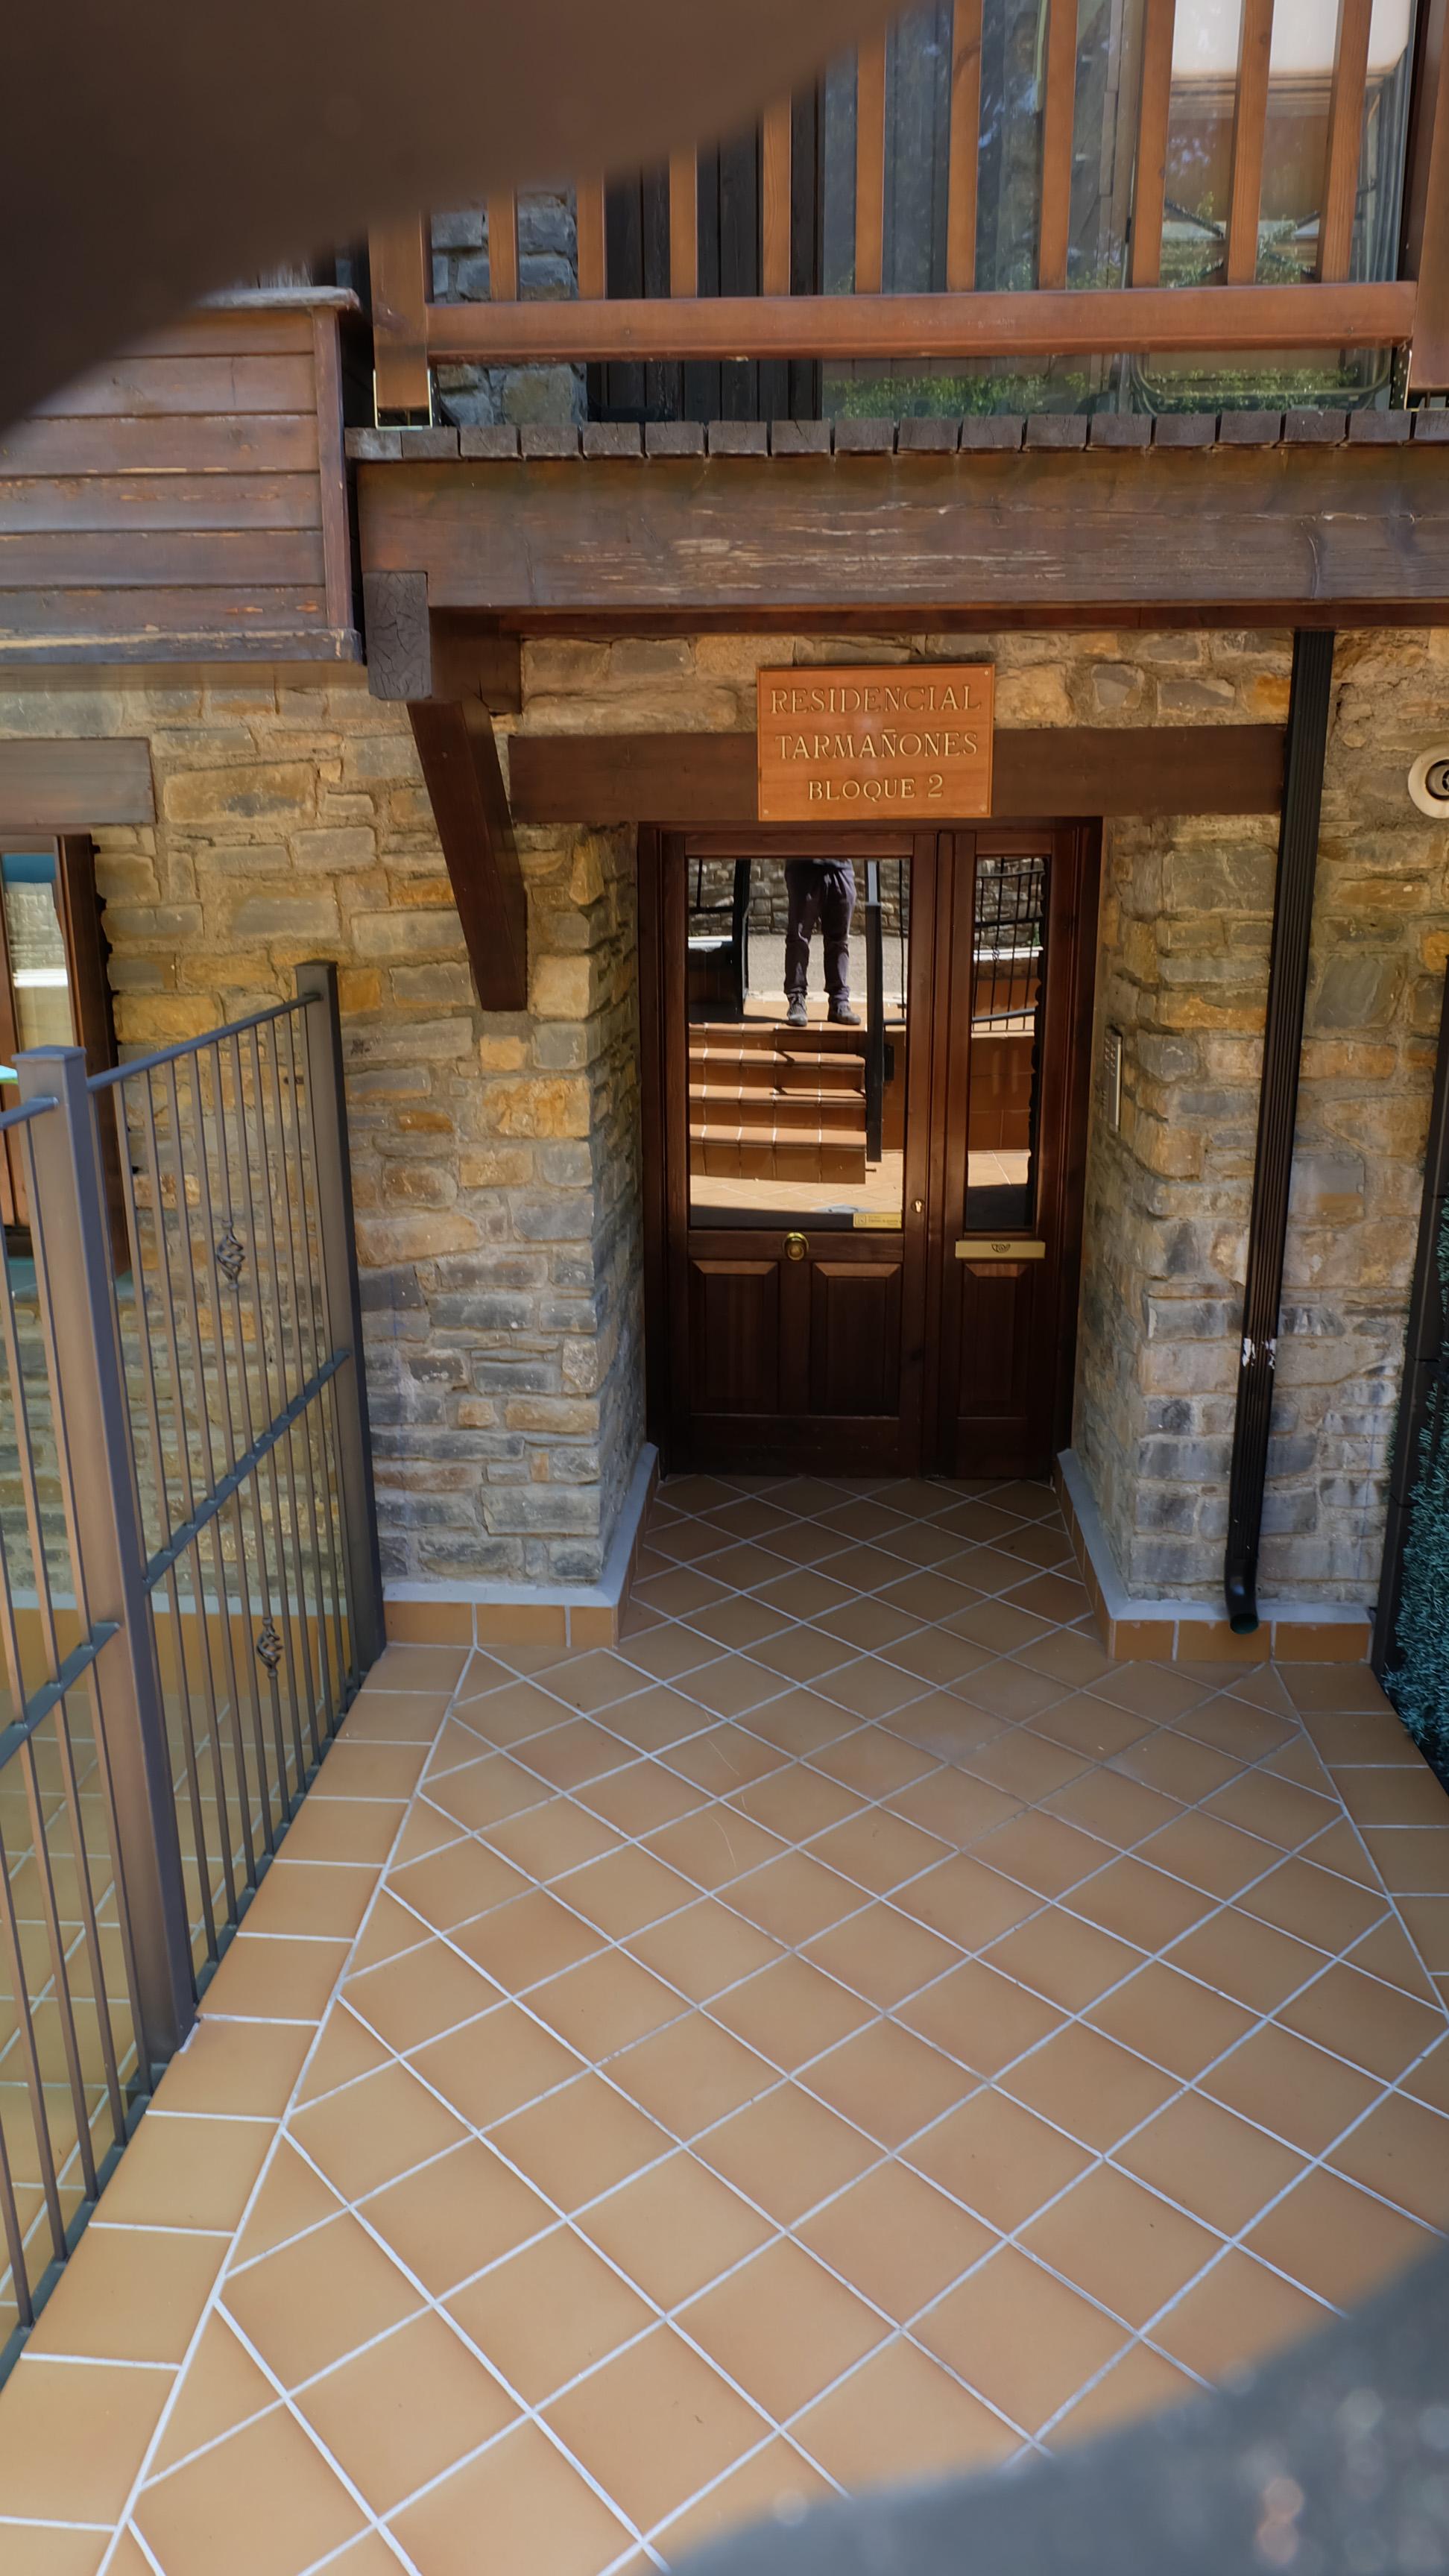 TAR51 - Apartamento Tarmañones de 3 Dormito   Aragonien